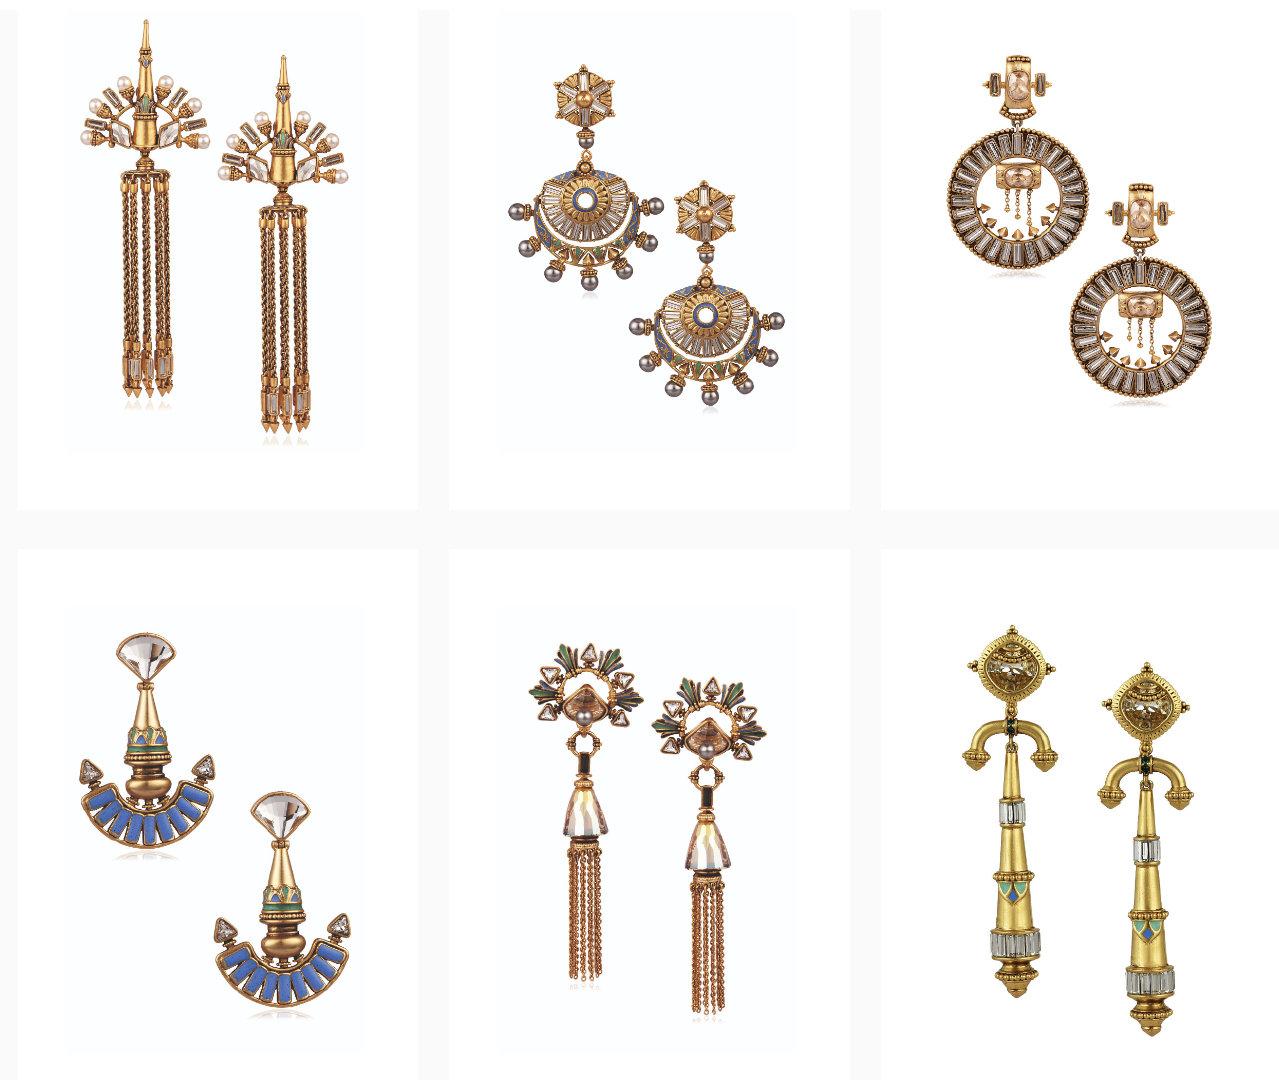 #印度# Amrapali这个系列太赞了~去年带回来3对耳环,人人惊艳。当时还诧异,为啥合金的还能卖这么贵,今天才发现这个系列用的是施华洛世奇水晶……官网比店内款式更多更精美,心痒! 